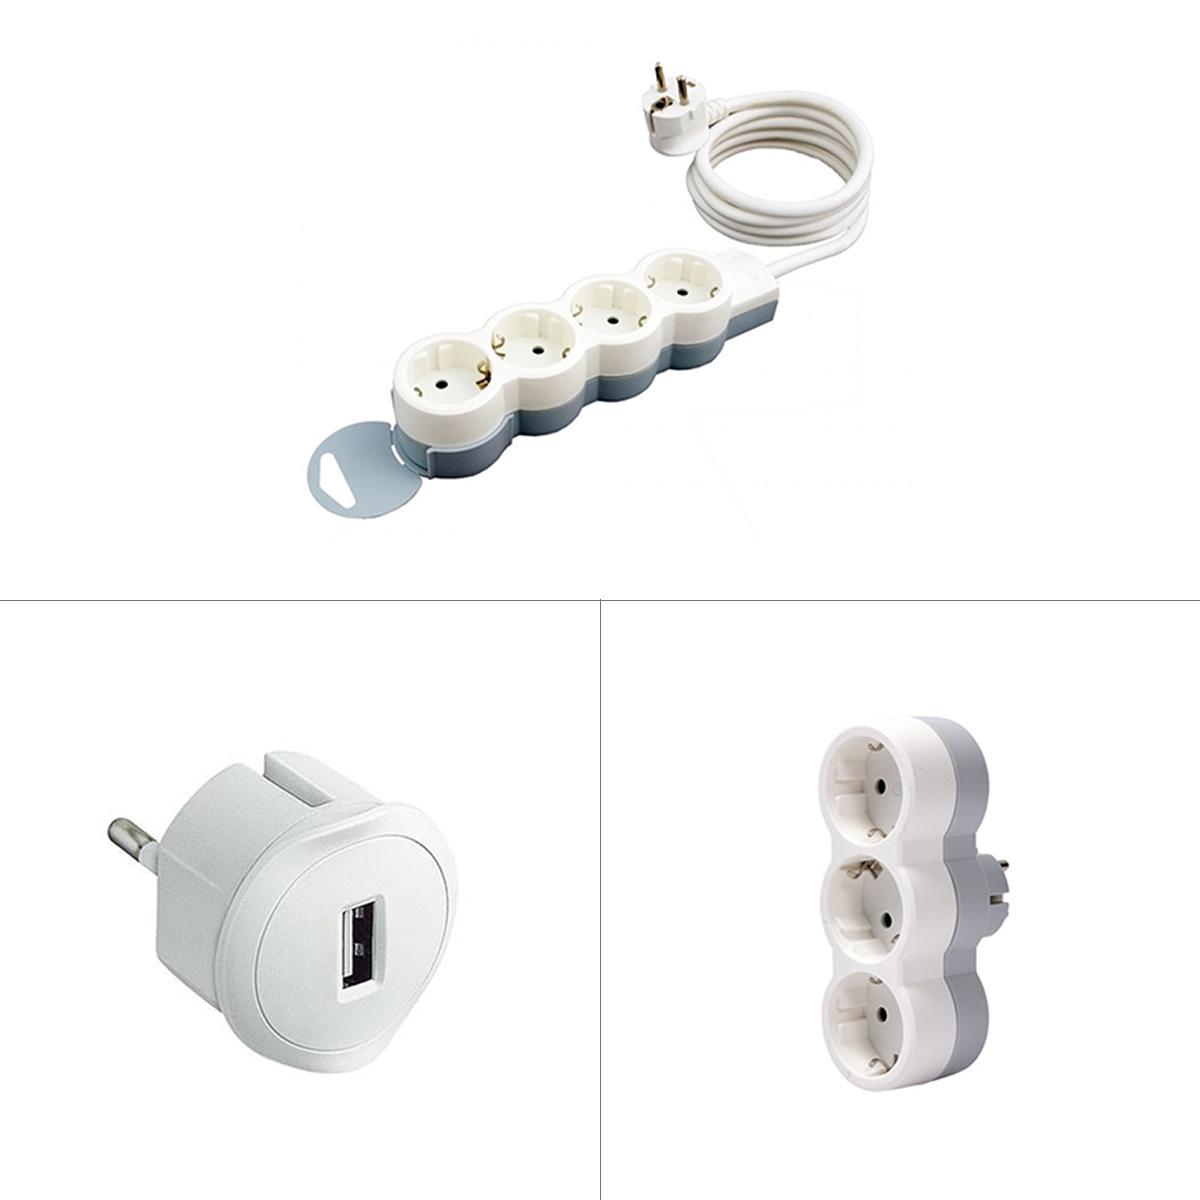 ელექტრო გაყვანილობა, ელექტროგაყვანილობა, electrical networking, ელექტროსამონტაჟო სამუშაო, ელექტრო სამონტაჟო სამუშაო, electrical installation, ელექტრომასალა, ელ.მასალები, ამომრთველი-ავტომატი, MCB MCCB, რუბილნიკი, გამთიშველი, LED, ECO, დიოდური, დიოდი ეკო განათება, სანათი, ნათურა  diode eco,  light, lighting, light bulb, შტეპსელი, შტეფსელი დენცქვიტა, socket,საშტეპსელო როზეტი, ჩანგალი, როზეტი, socket, ჩამრთველი,switch, გადამრთველი, რევერსი, რევერსული ჩამრთველი, შუალედური ჩამრთველი, შუალედური, გადამრთველი, კომპ. როზეტი, კომპიუტერის როზეტი computer socket   ინტერნეტი, ინტერნეტის როზეტი, ეზერნეტი Ethernet, კაბელი cable  სადენი, ელექტრო გამანაწილებელი, ელექტროგამანაწილებელი შიტი, კარადა, ფარი, electrical cabinet cabin, გაჟონვის რელე, earth leakage rely, დიფი, დიფერენციალური რელე, რელე, rely, დიმერი, dimmer,  საკაბელო არხი, კაბელ, კანალი, cable channe,l cable trunking, კორობი, კონტაქტორი, contactor, მცველი, плавкие вставки, მართვის, ღილაკი, control button, ელექტრო ინსტრუმენტები, ხელსაწყოები, electrical tools,  ელექტრიკი ელექტრიკოსი, electrician,  ეფაპელი, Efapel, ბერკერი, Berker, ჰაგერი, Hager, ლეგრანდი, ლეგრანი, Legrand, Switch,Automatic switch,RCD,Switchboard,Lighting,LED light,Energy saving light bulb, Light bulb, Electric plug, Plug, Dimer, Socket, Power socket